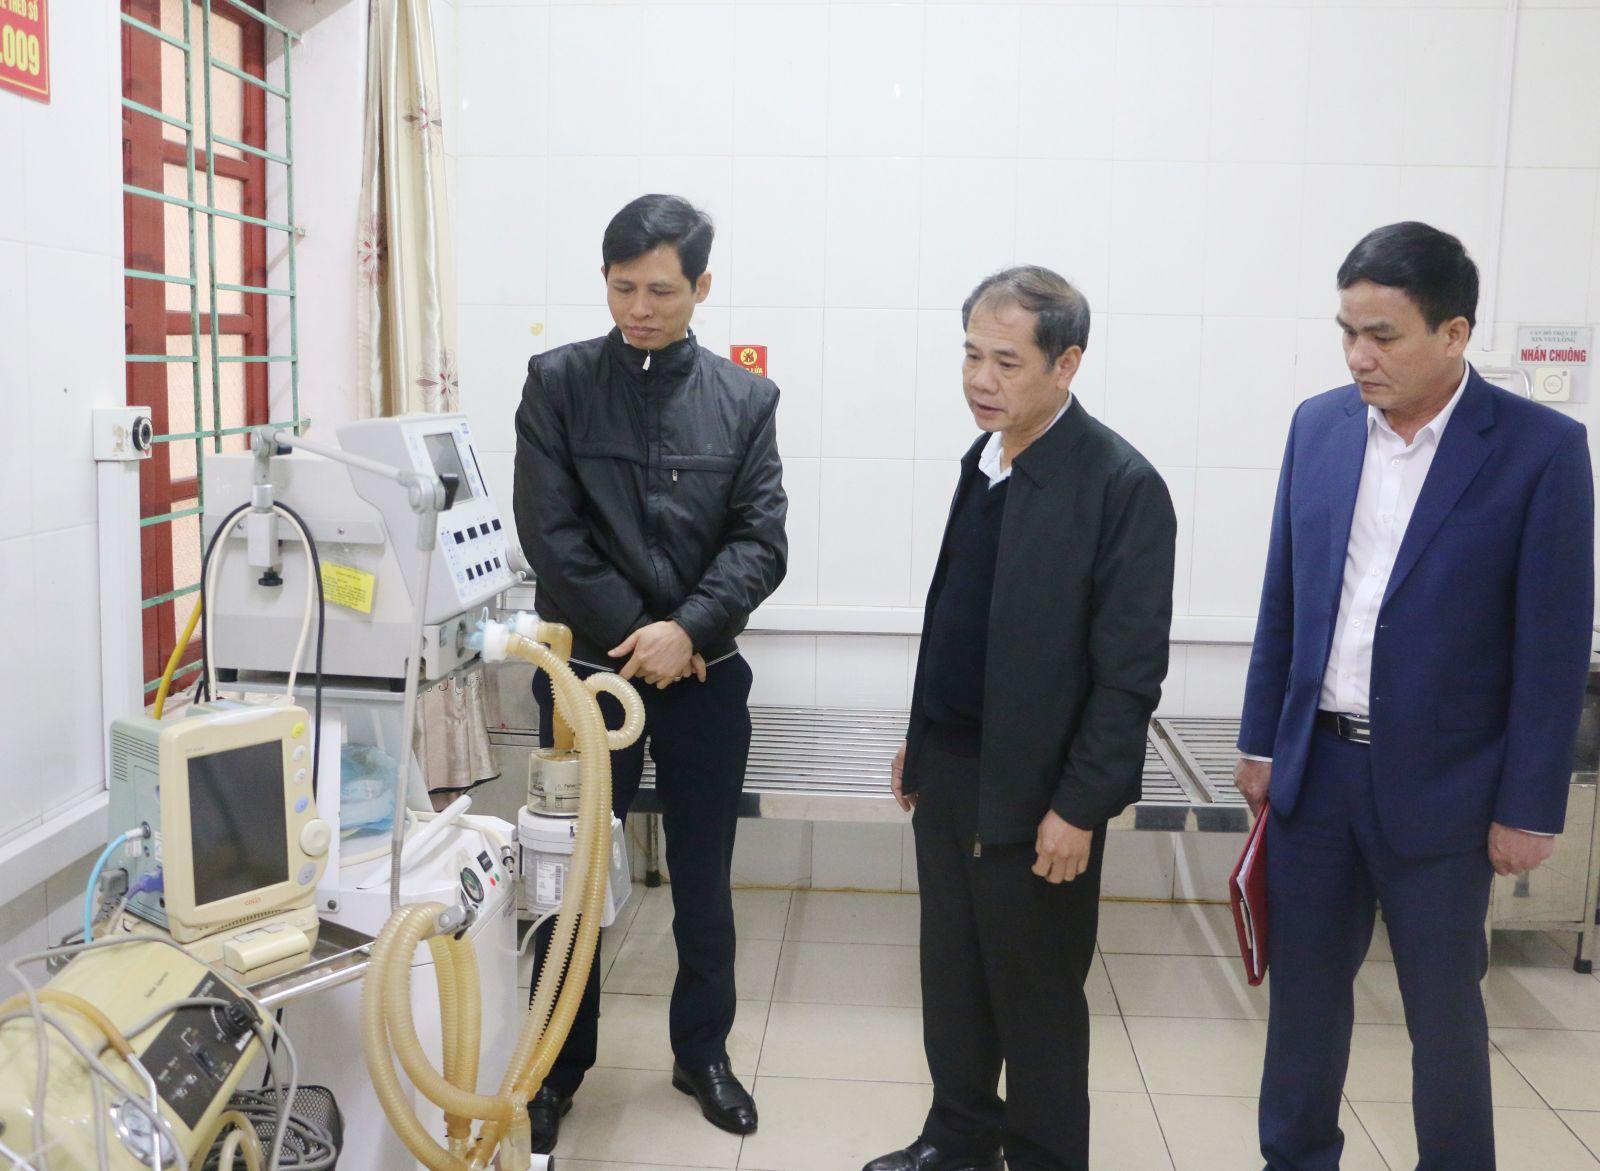 Lãnh đạo Sở Y tế Hà Tĩnh kiểm tra trang thiết bị được chuẩn bị sẵn sàng tại khu vực cách ly ở Bệnh viện đa khoa Hà Tĩnh